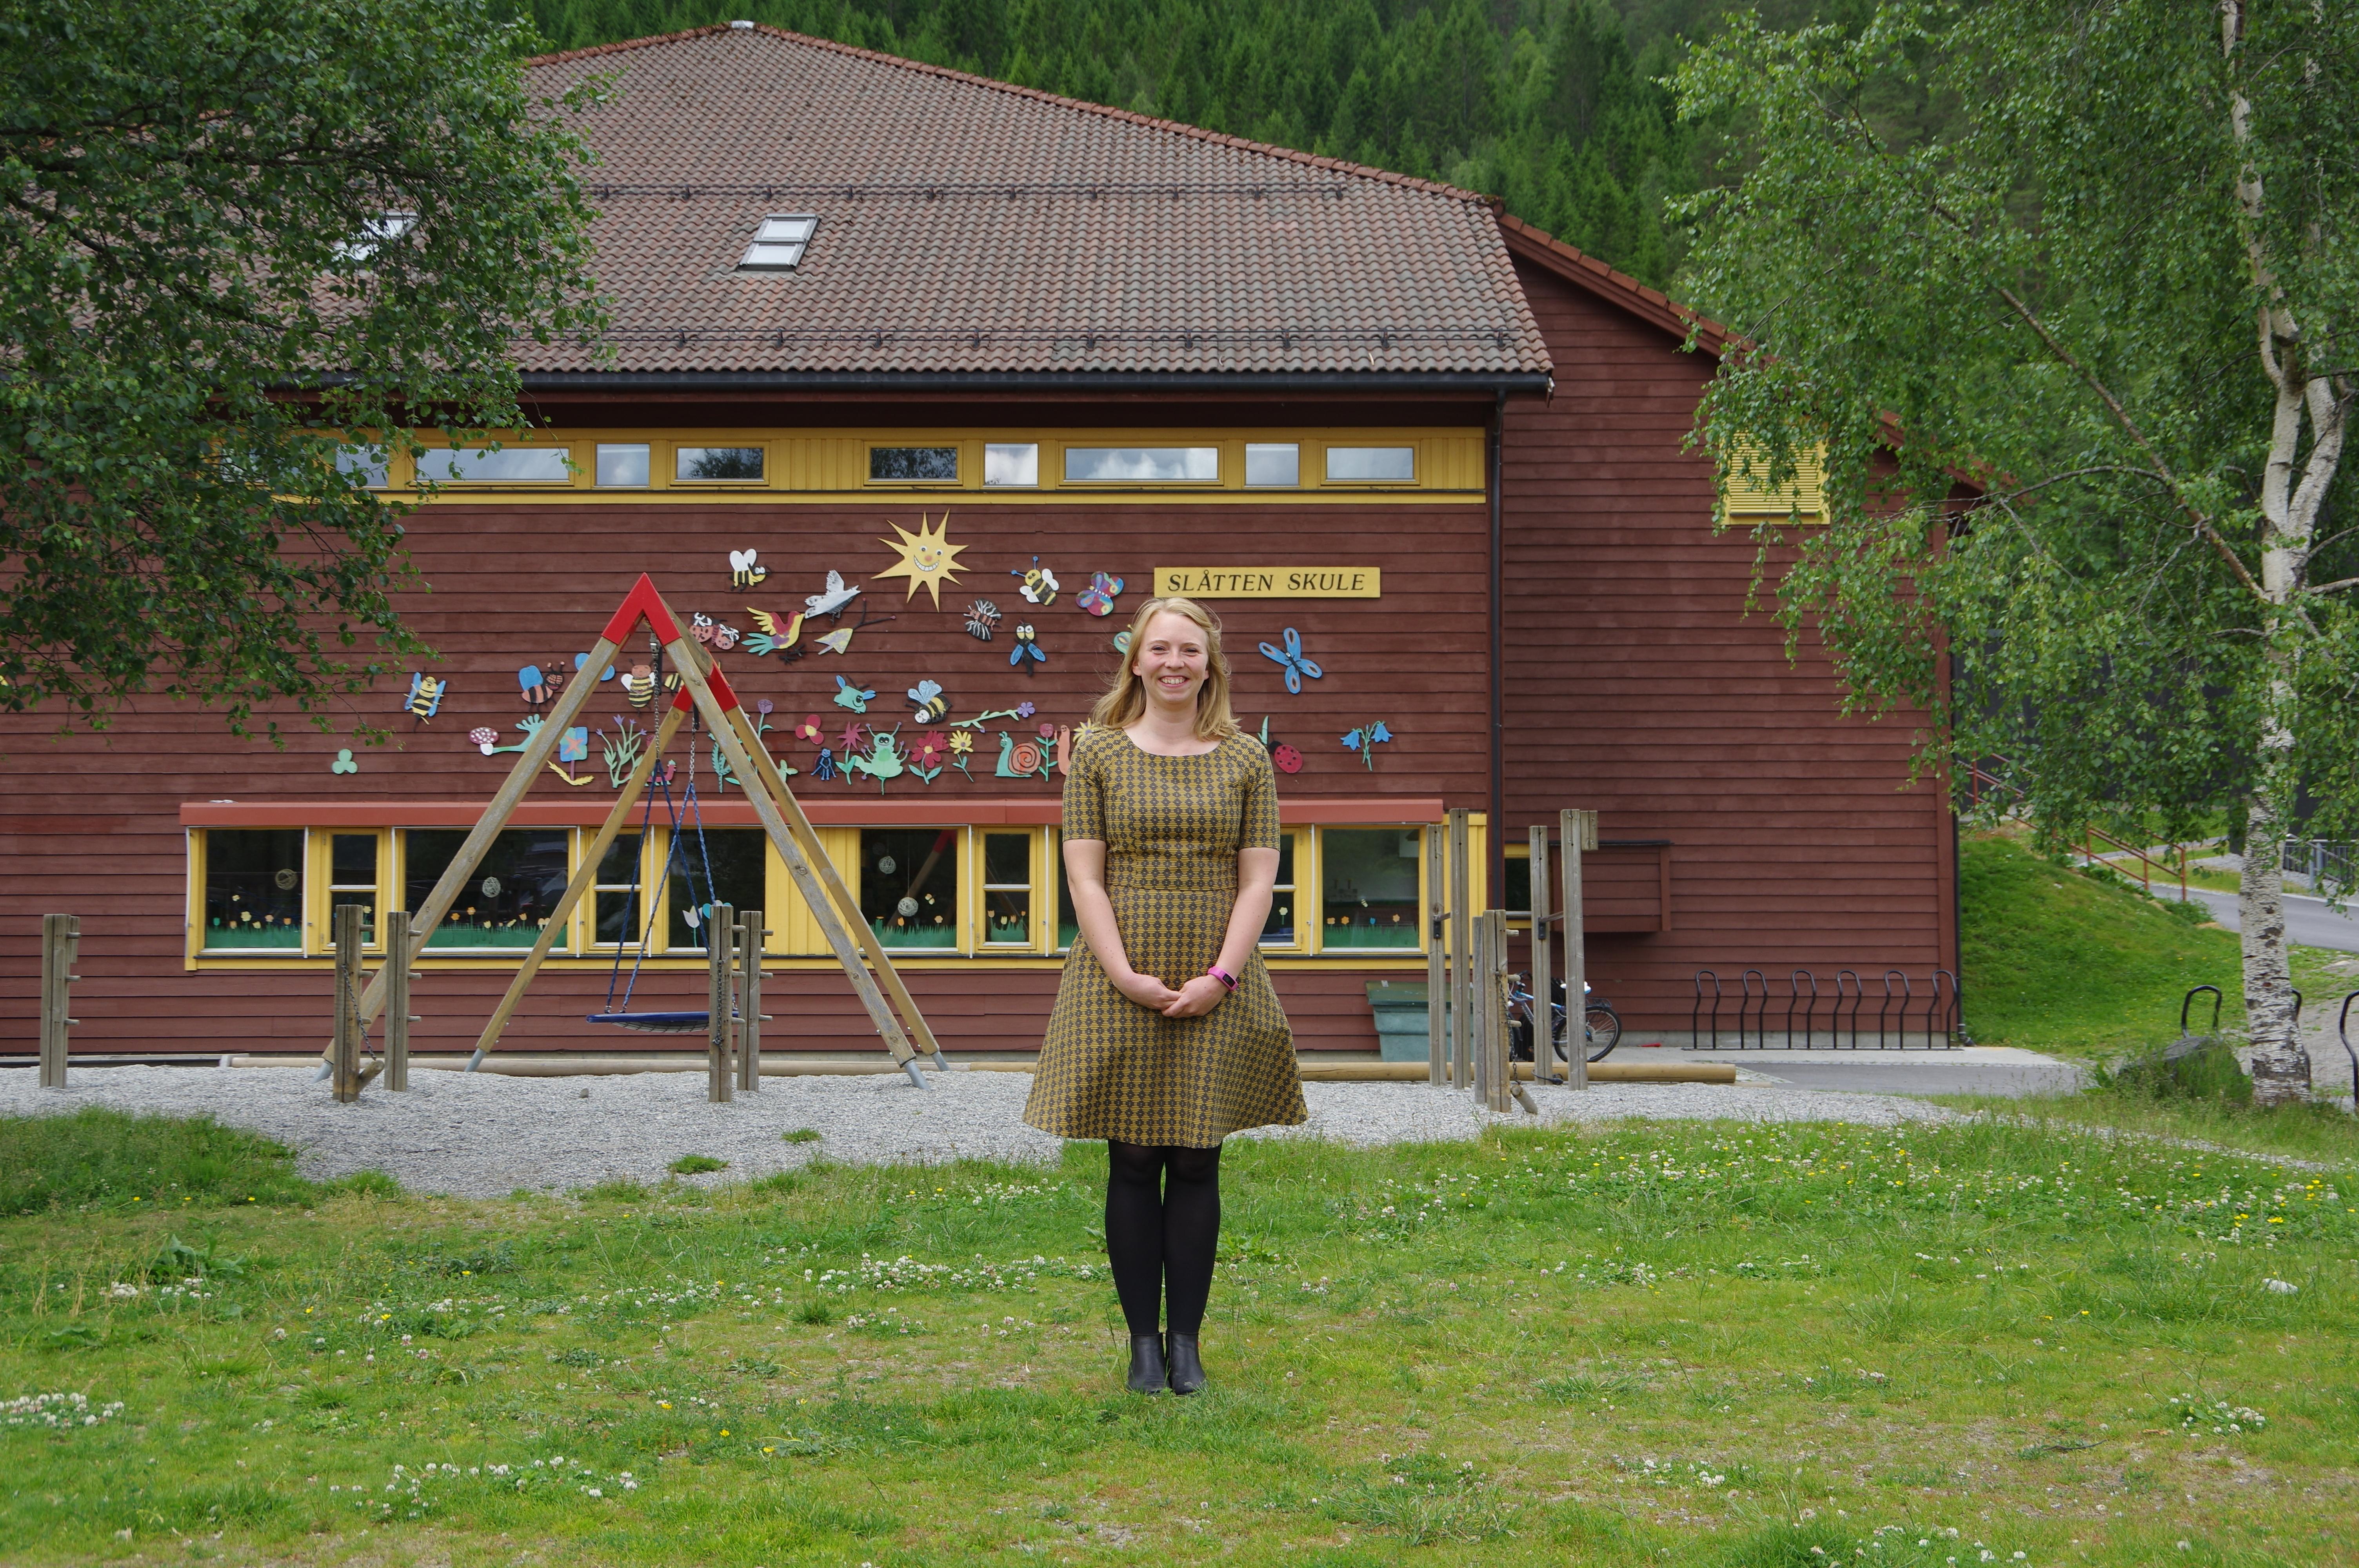 Annette og Slåtten skule.JPG